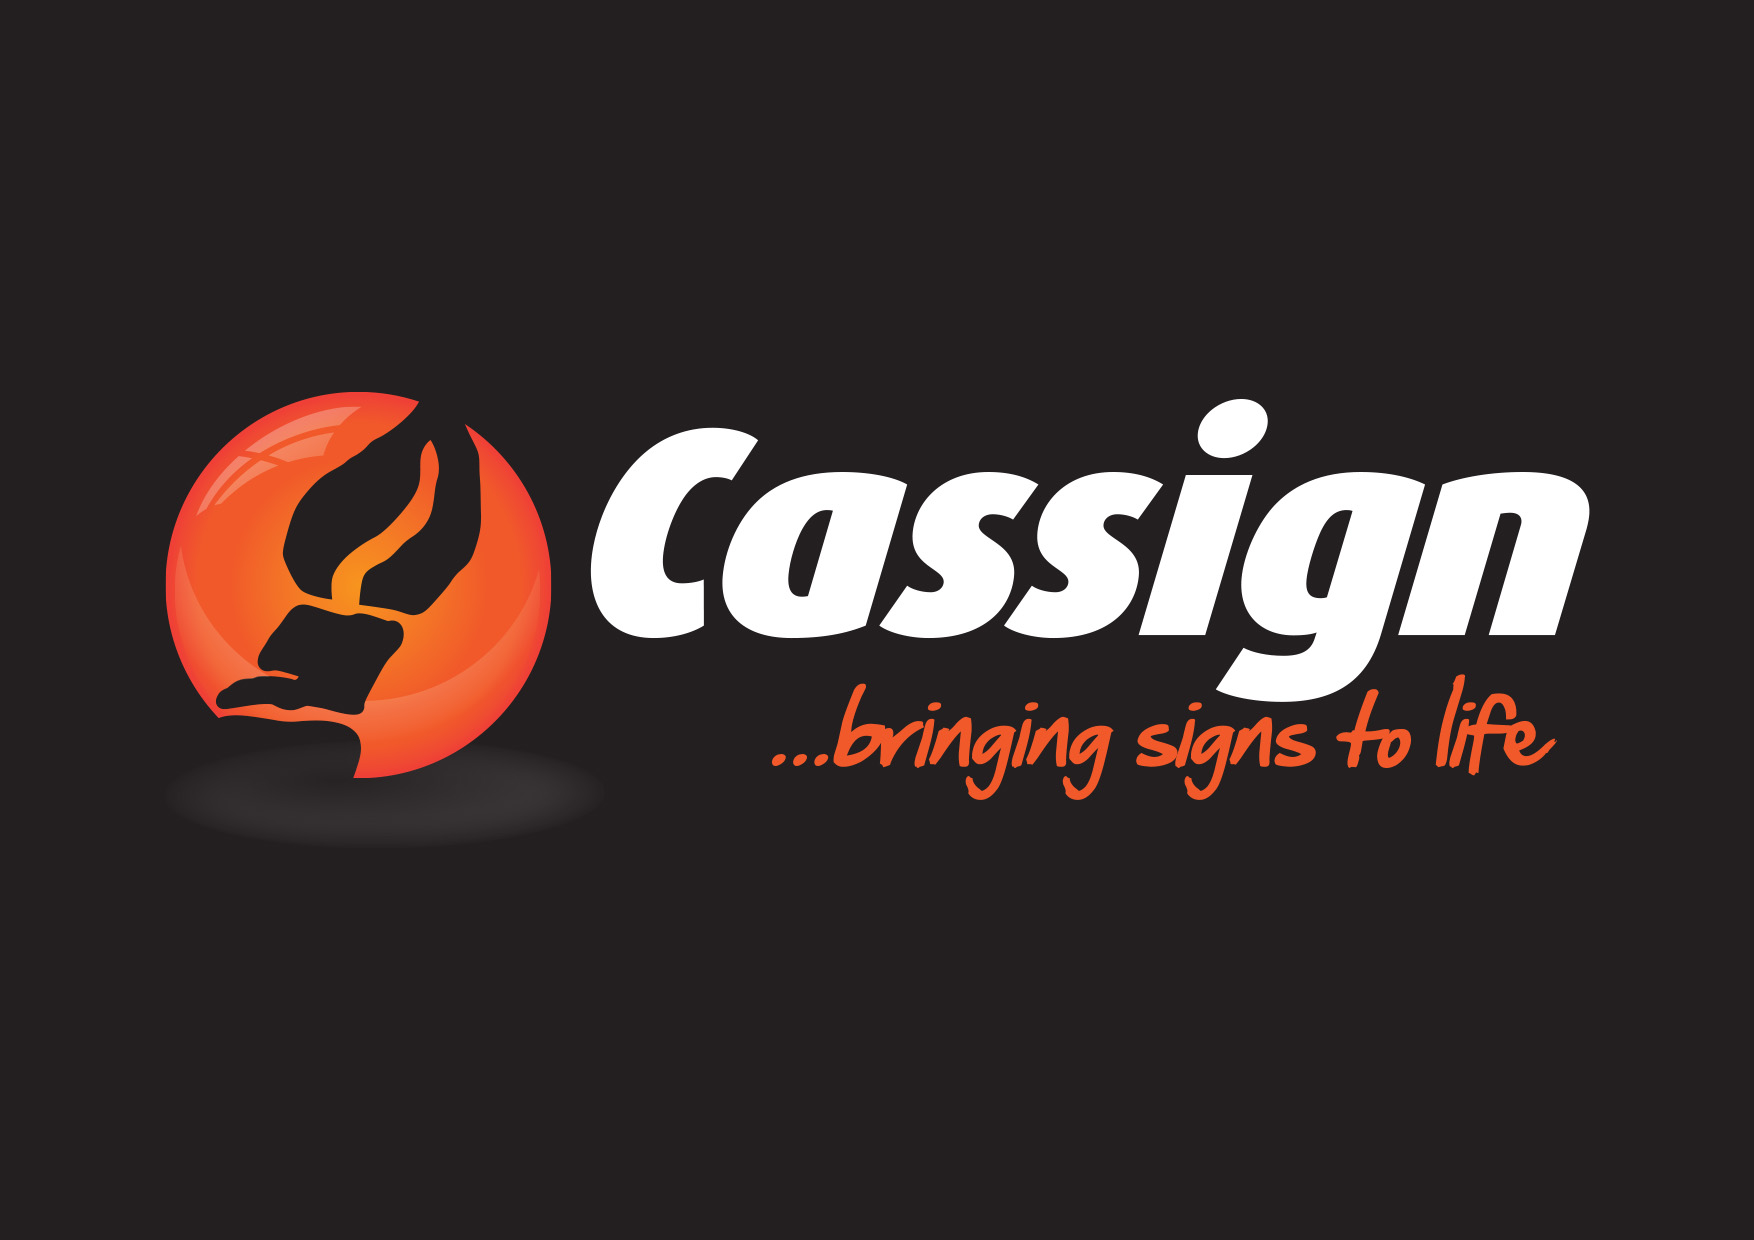 Cassign